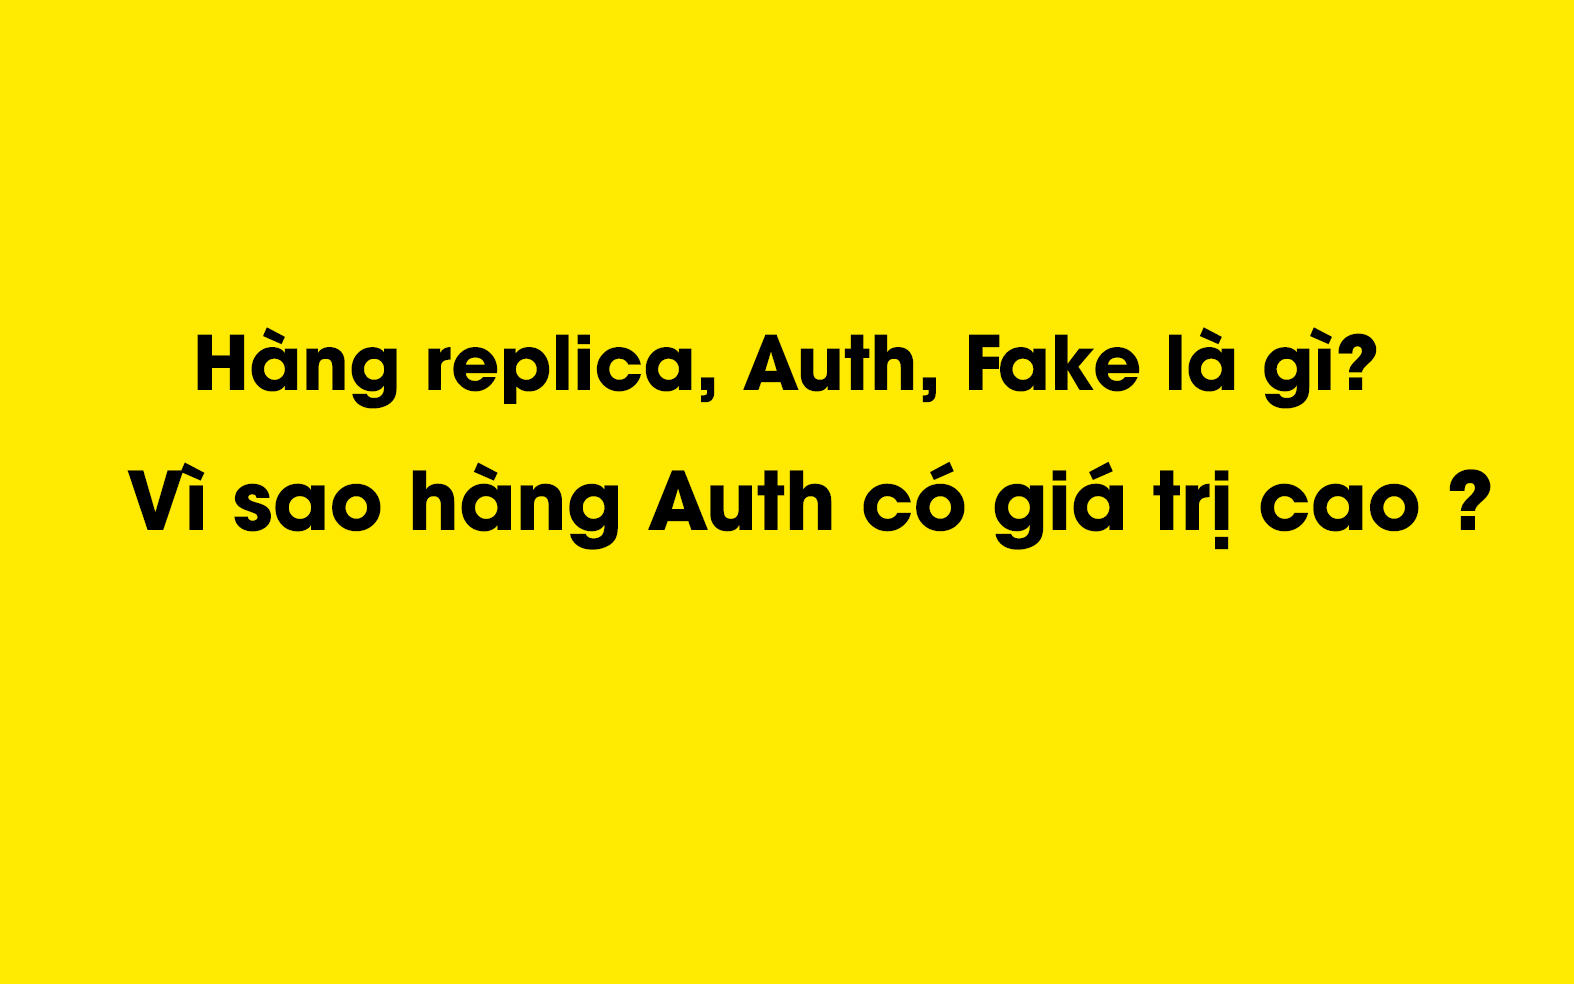 Hàng replica, Auth, Fake là gì